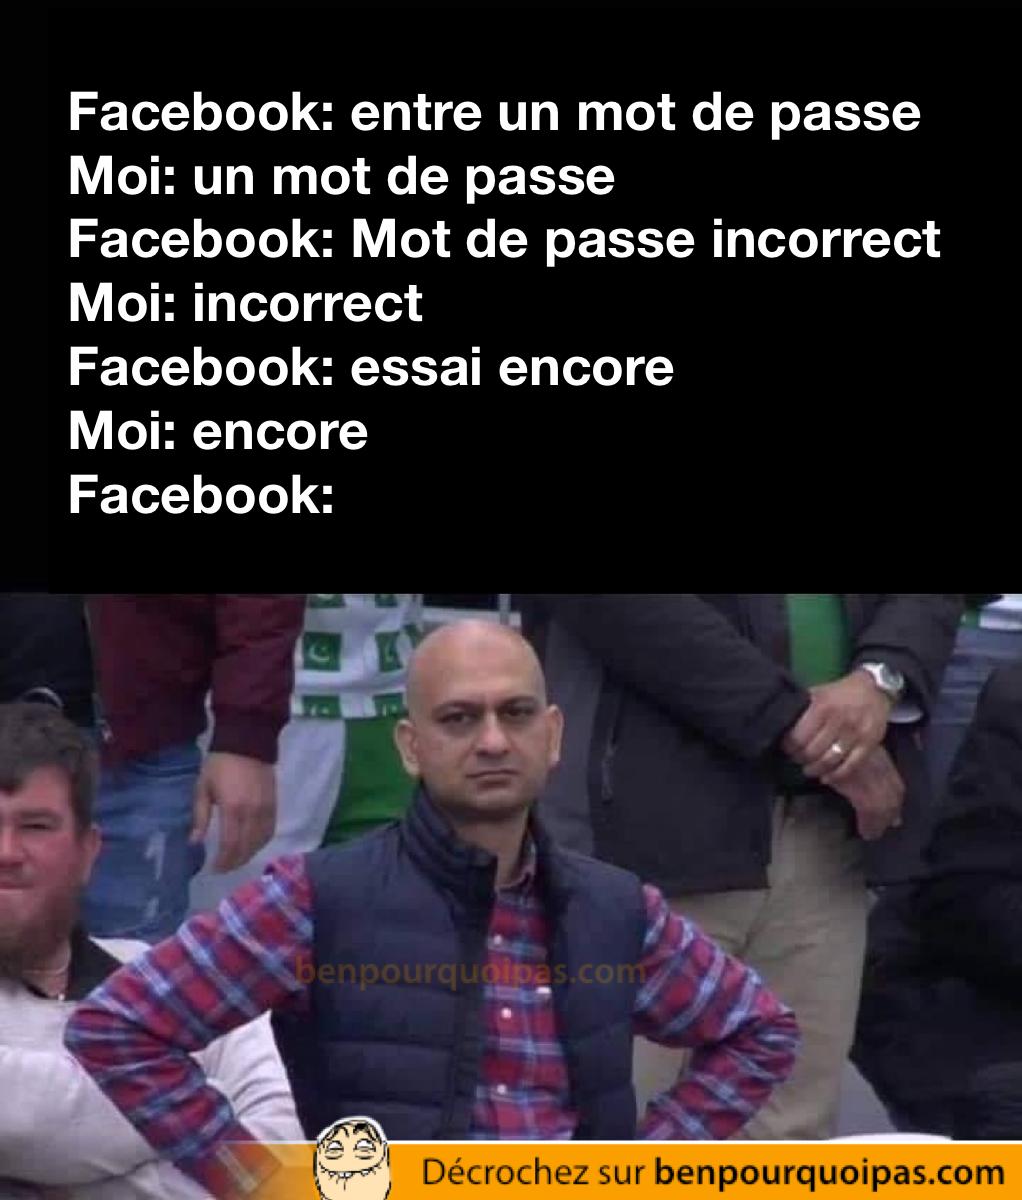 Il Troll Facebook Ou C Est Simplement Un Con Blagues Et Images Droles Ben Pourquoi Pas Humour